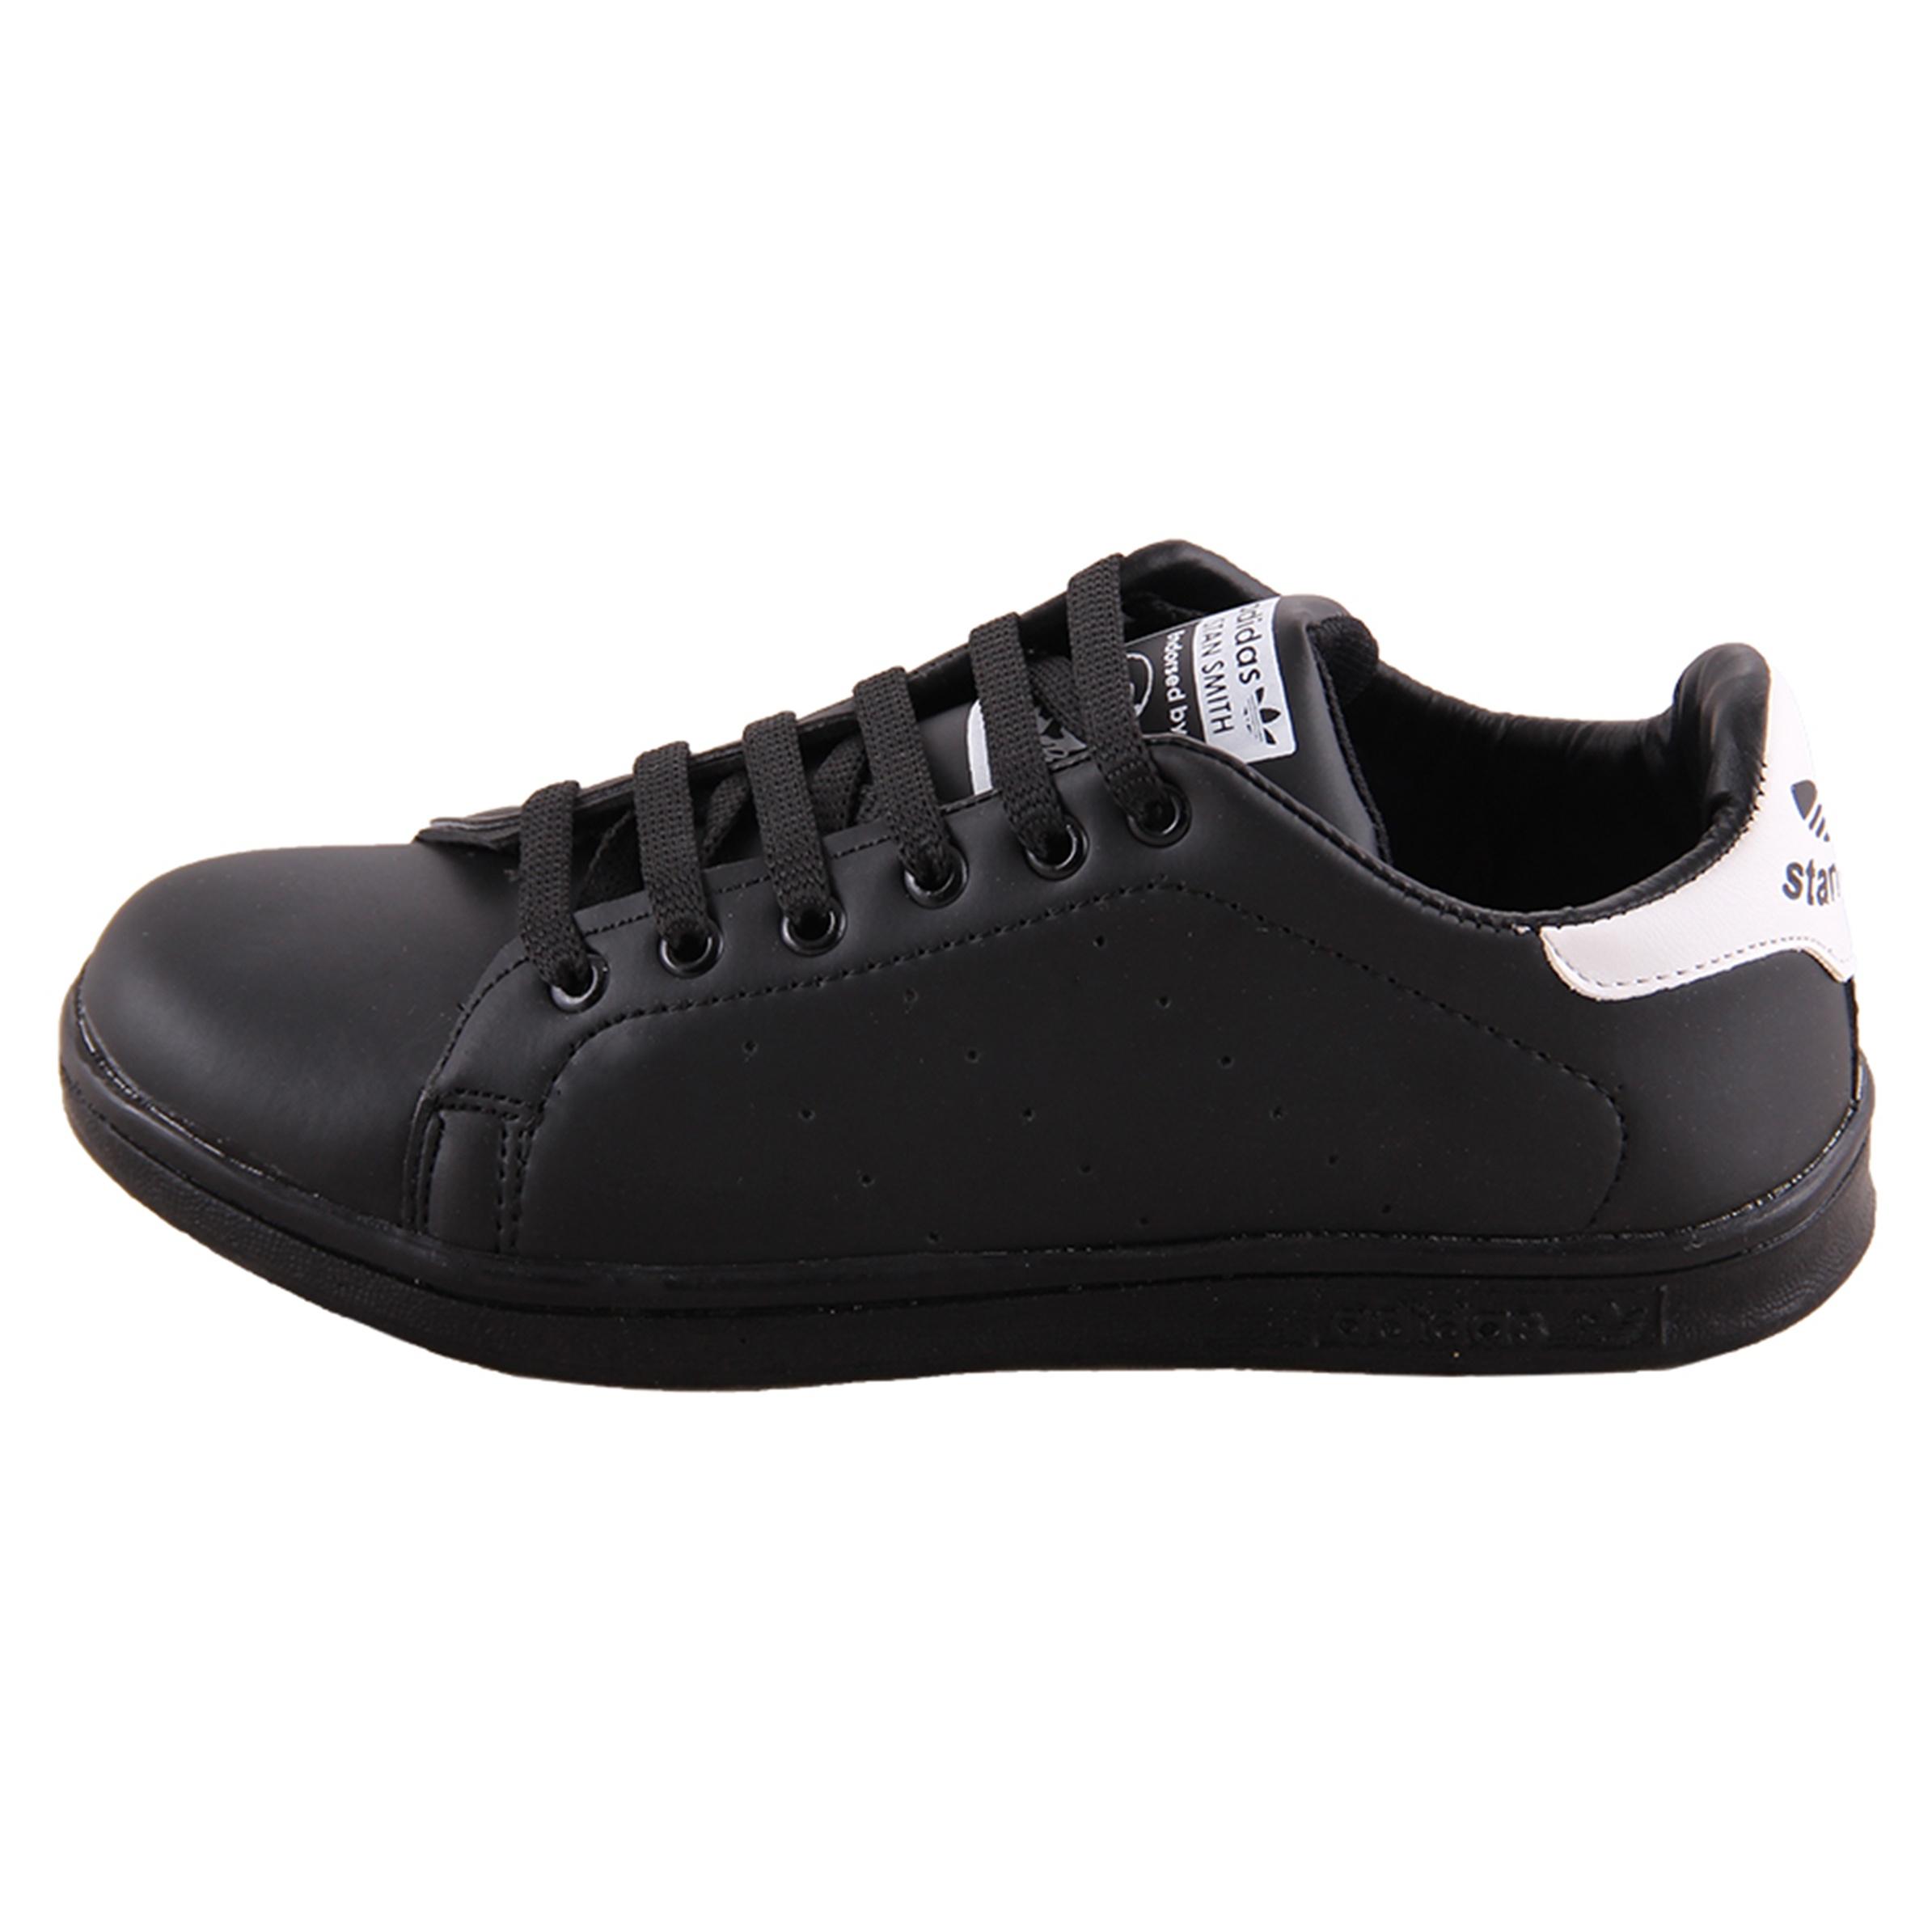 کفش راحتی زنانه کد 1-39725